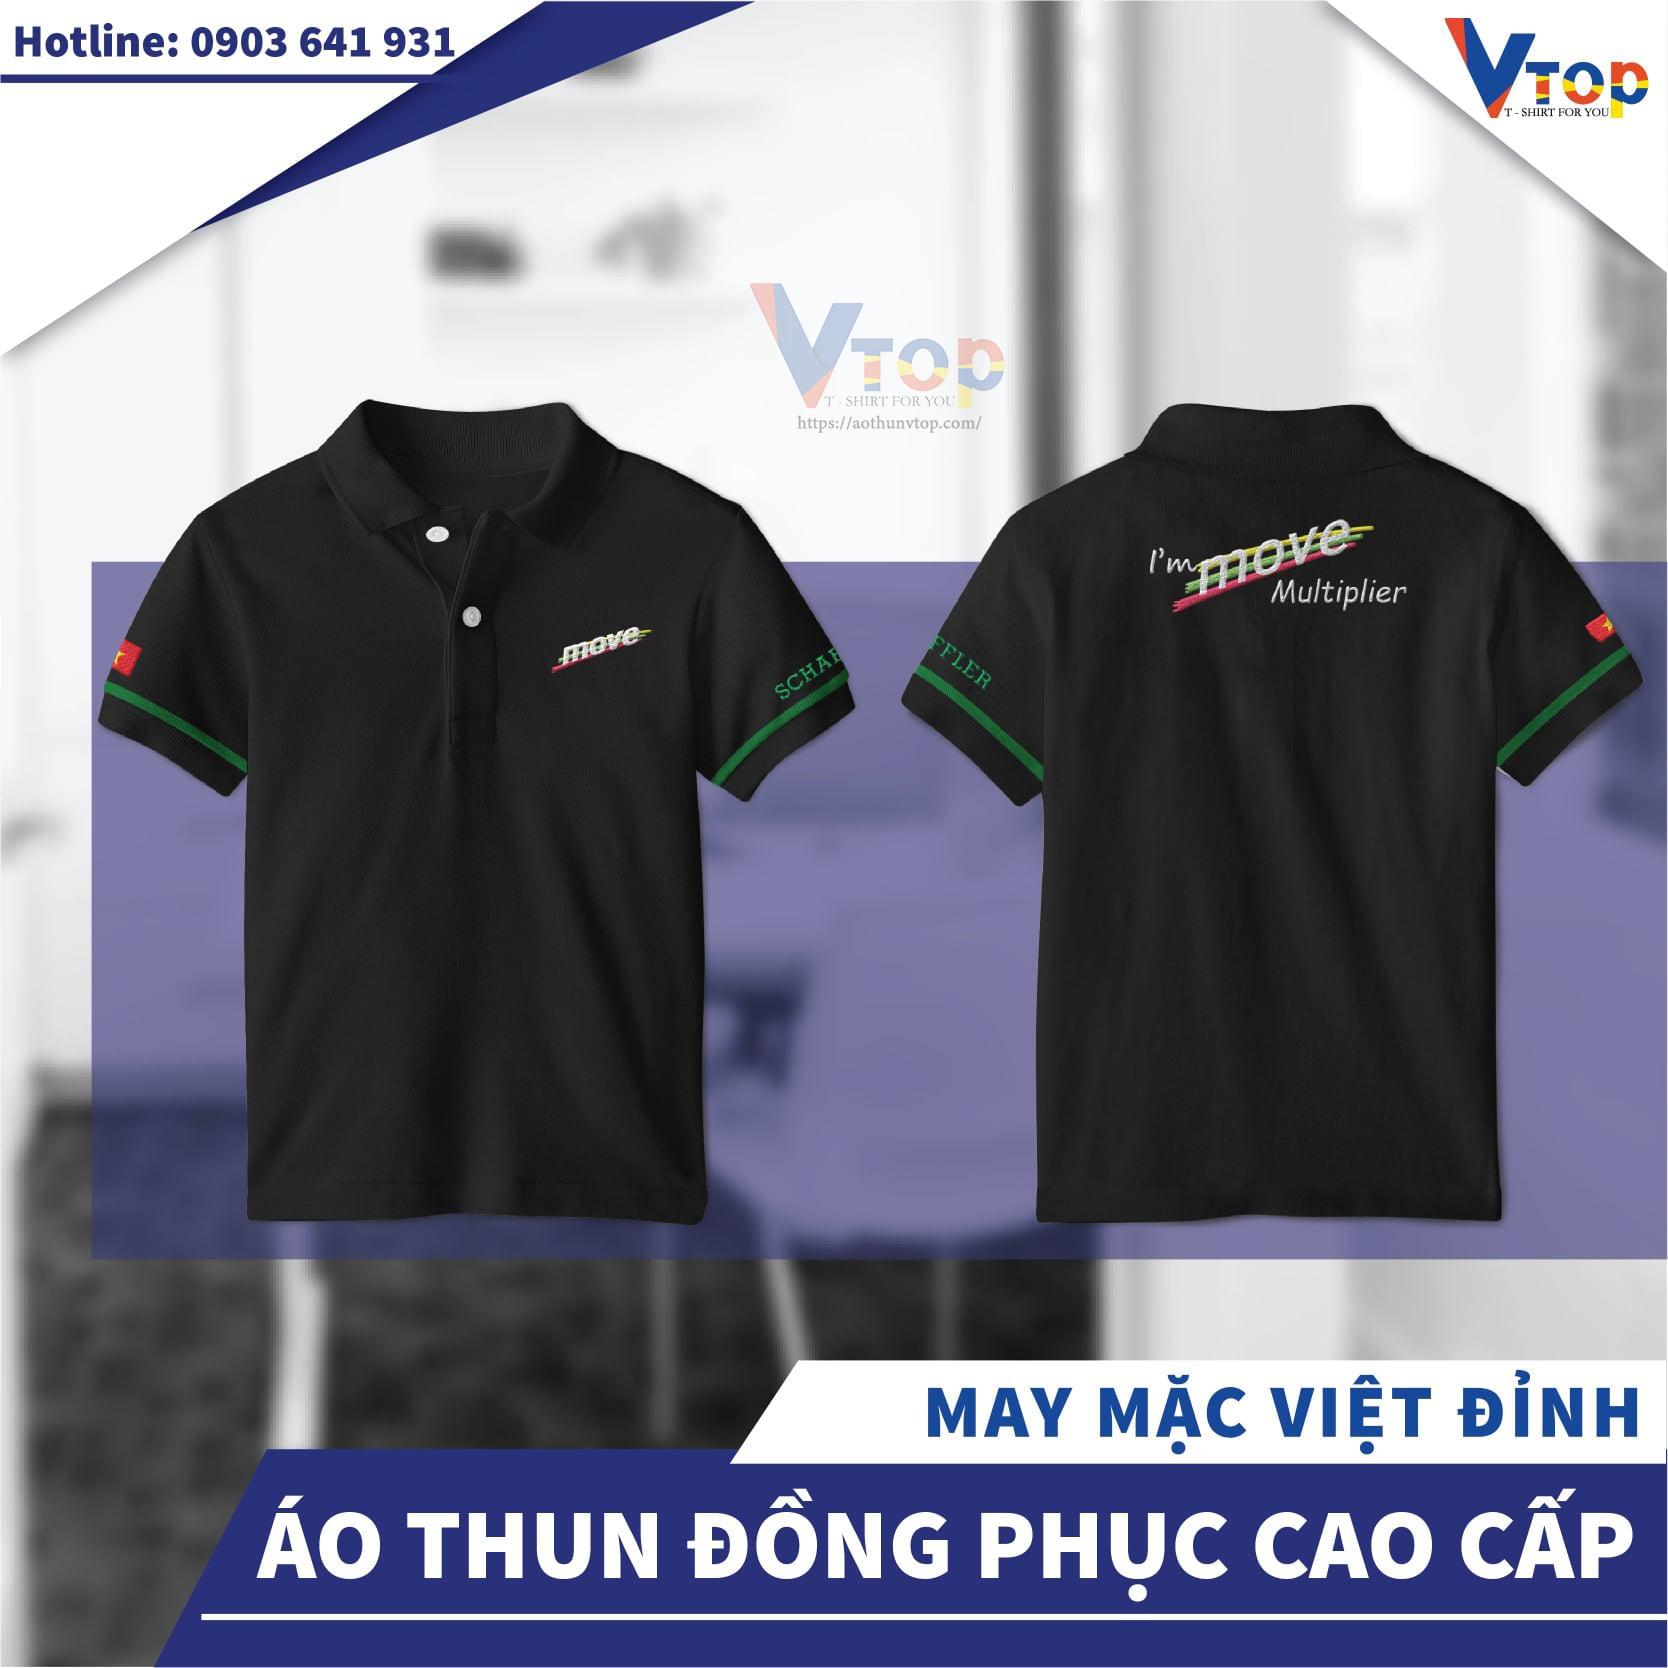 Dịch vụ in áo thun theo yêu cầu của Aothunvtop